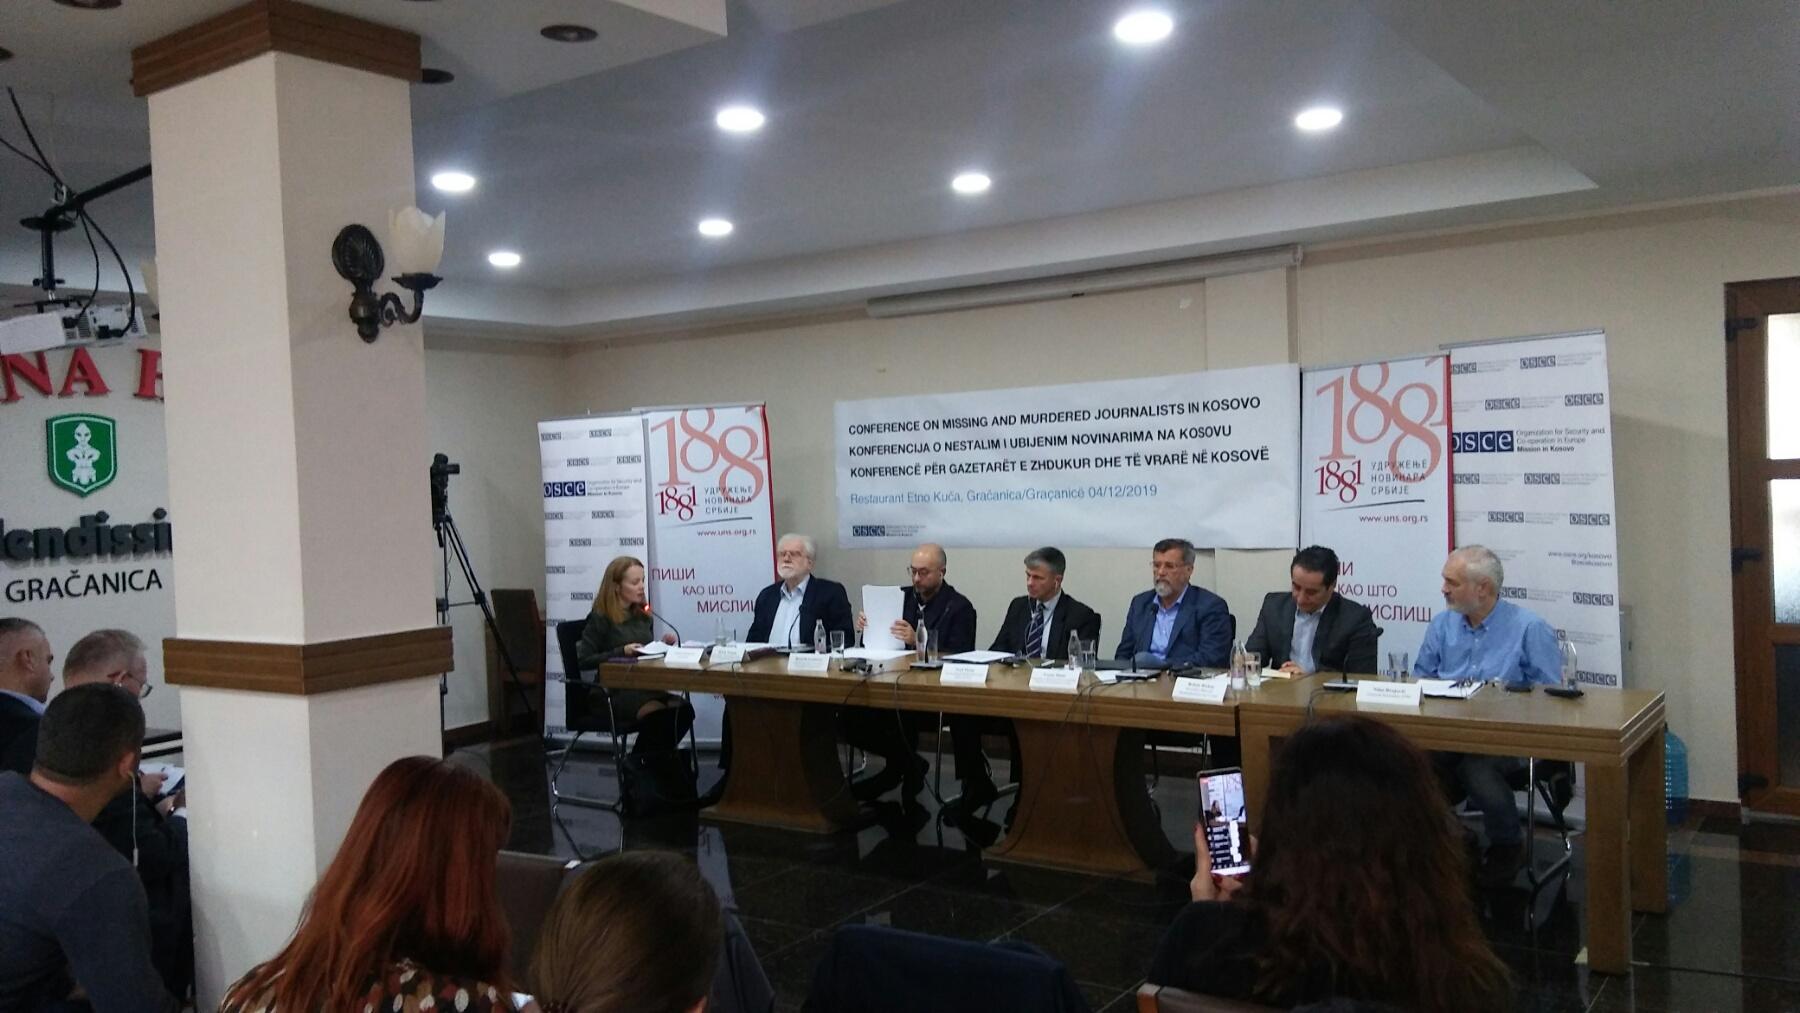 gracanica-konferencija-o-ubijenim-i-nestalim-novinarima-na-kosovu-foto